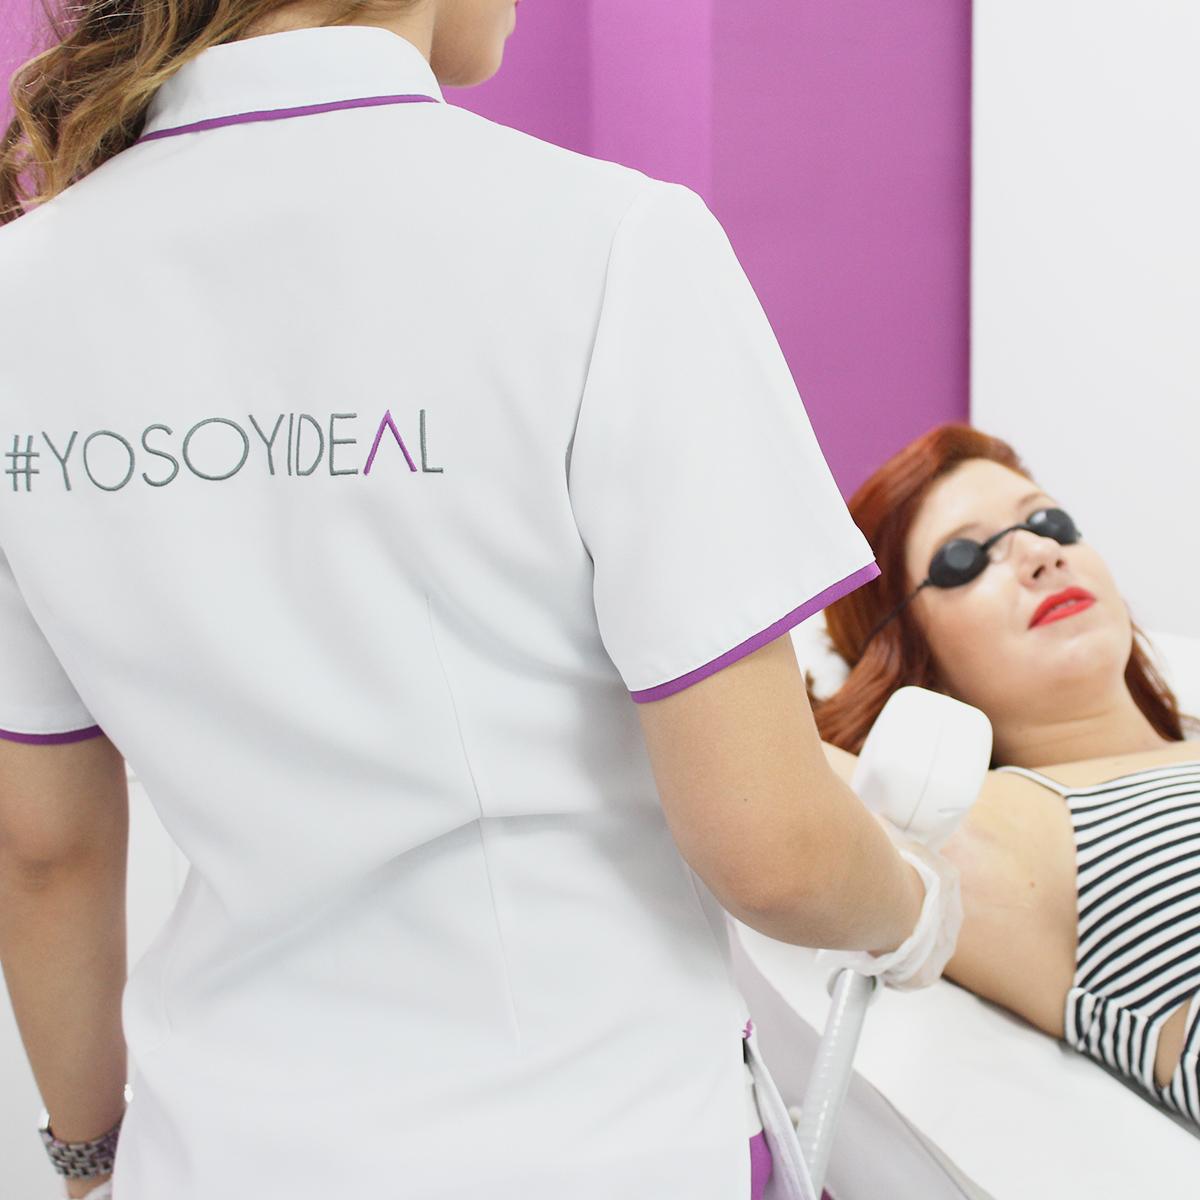 depilación femenina con láser diodo